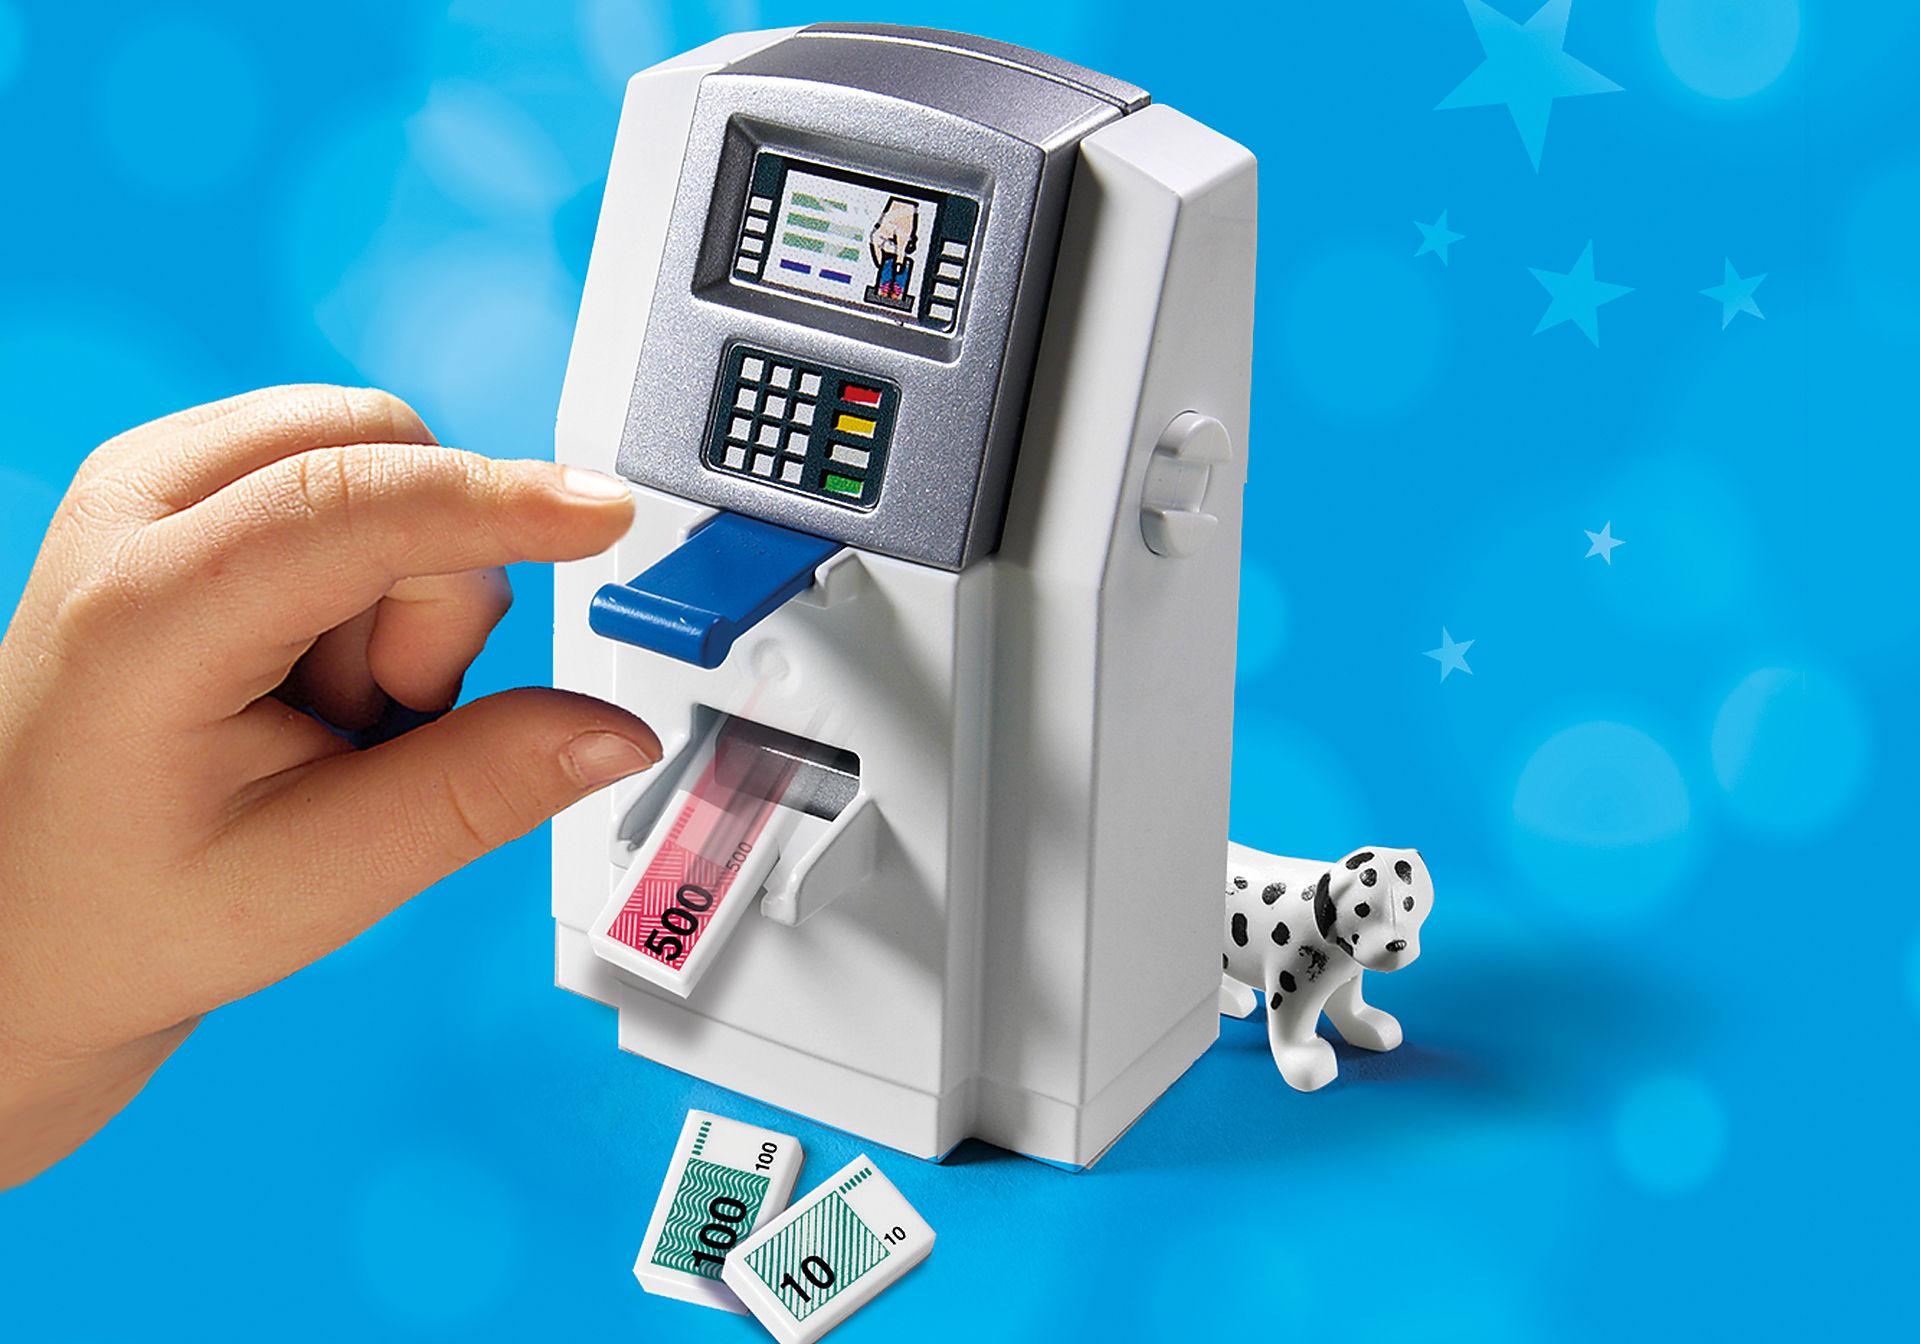 http://media.playmobil.com/i/playmobil/9081_product_extra2/ATM